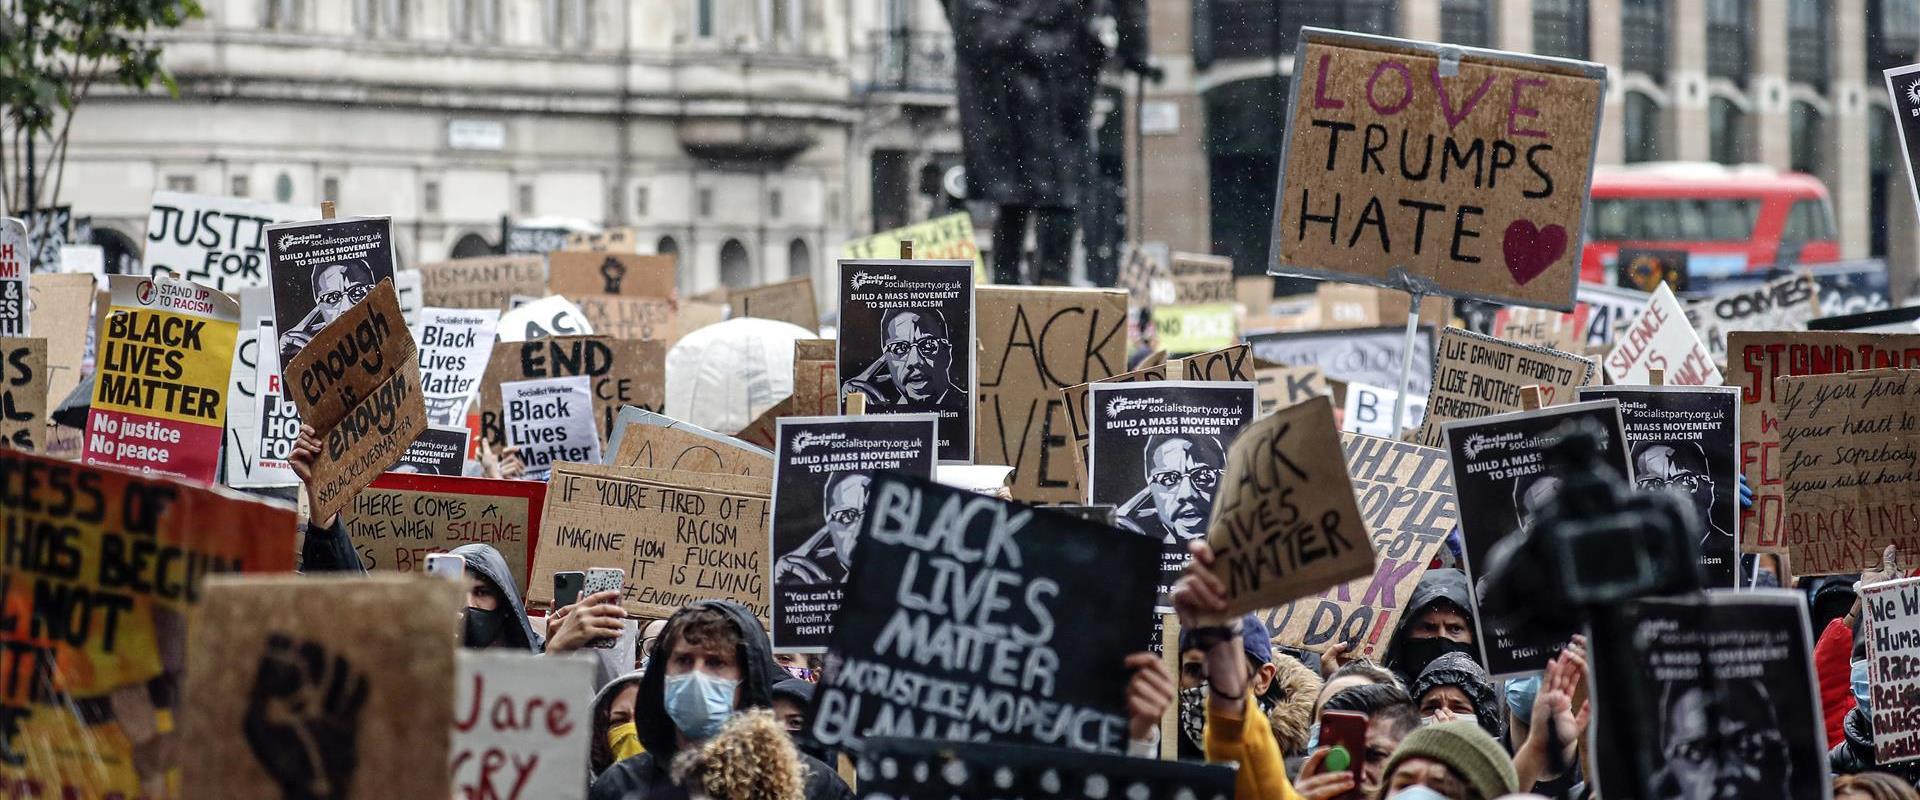 הפגנת בלונדון בעקבות מותו של ג'ורג' פלויד